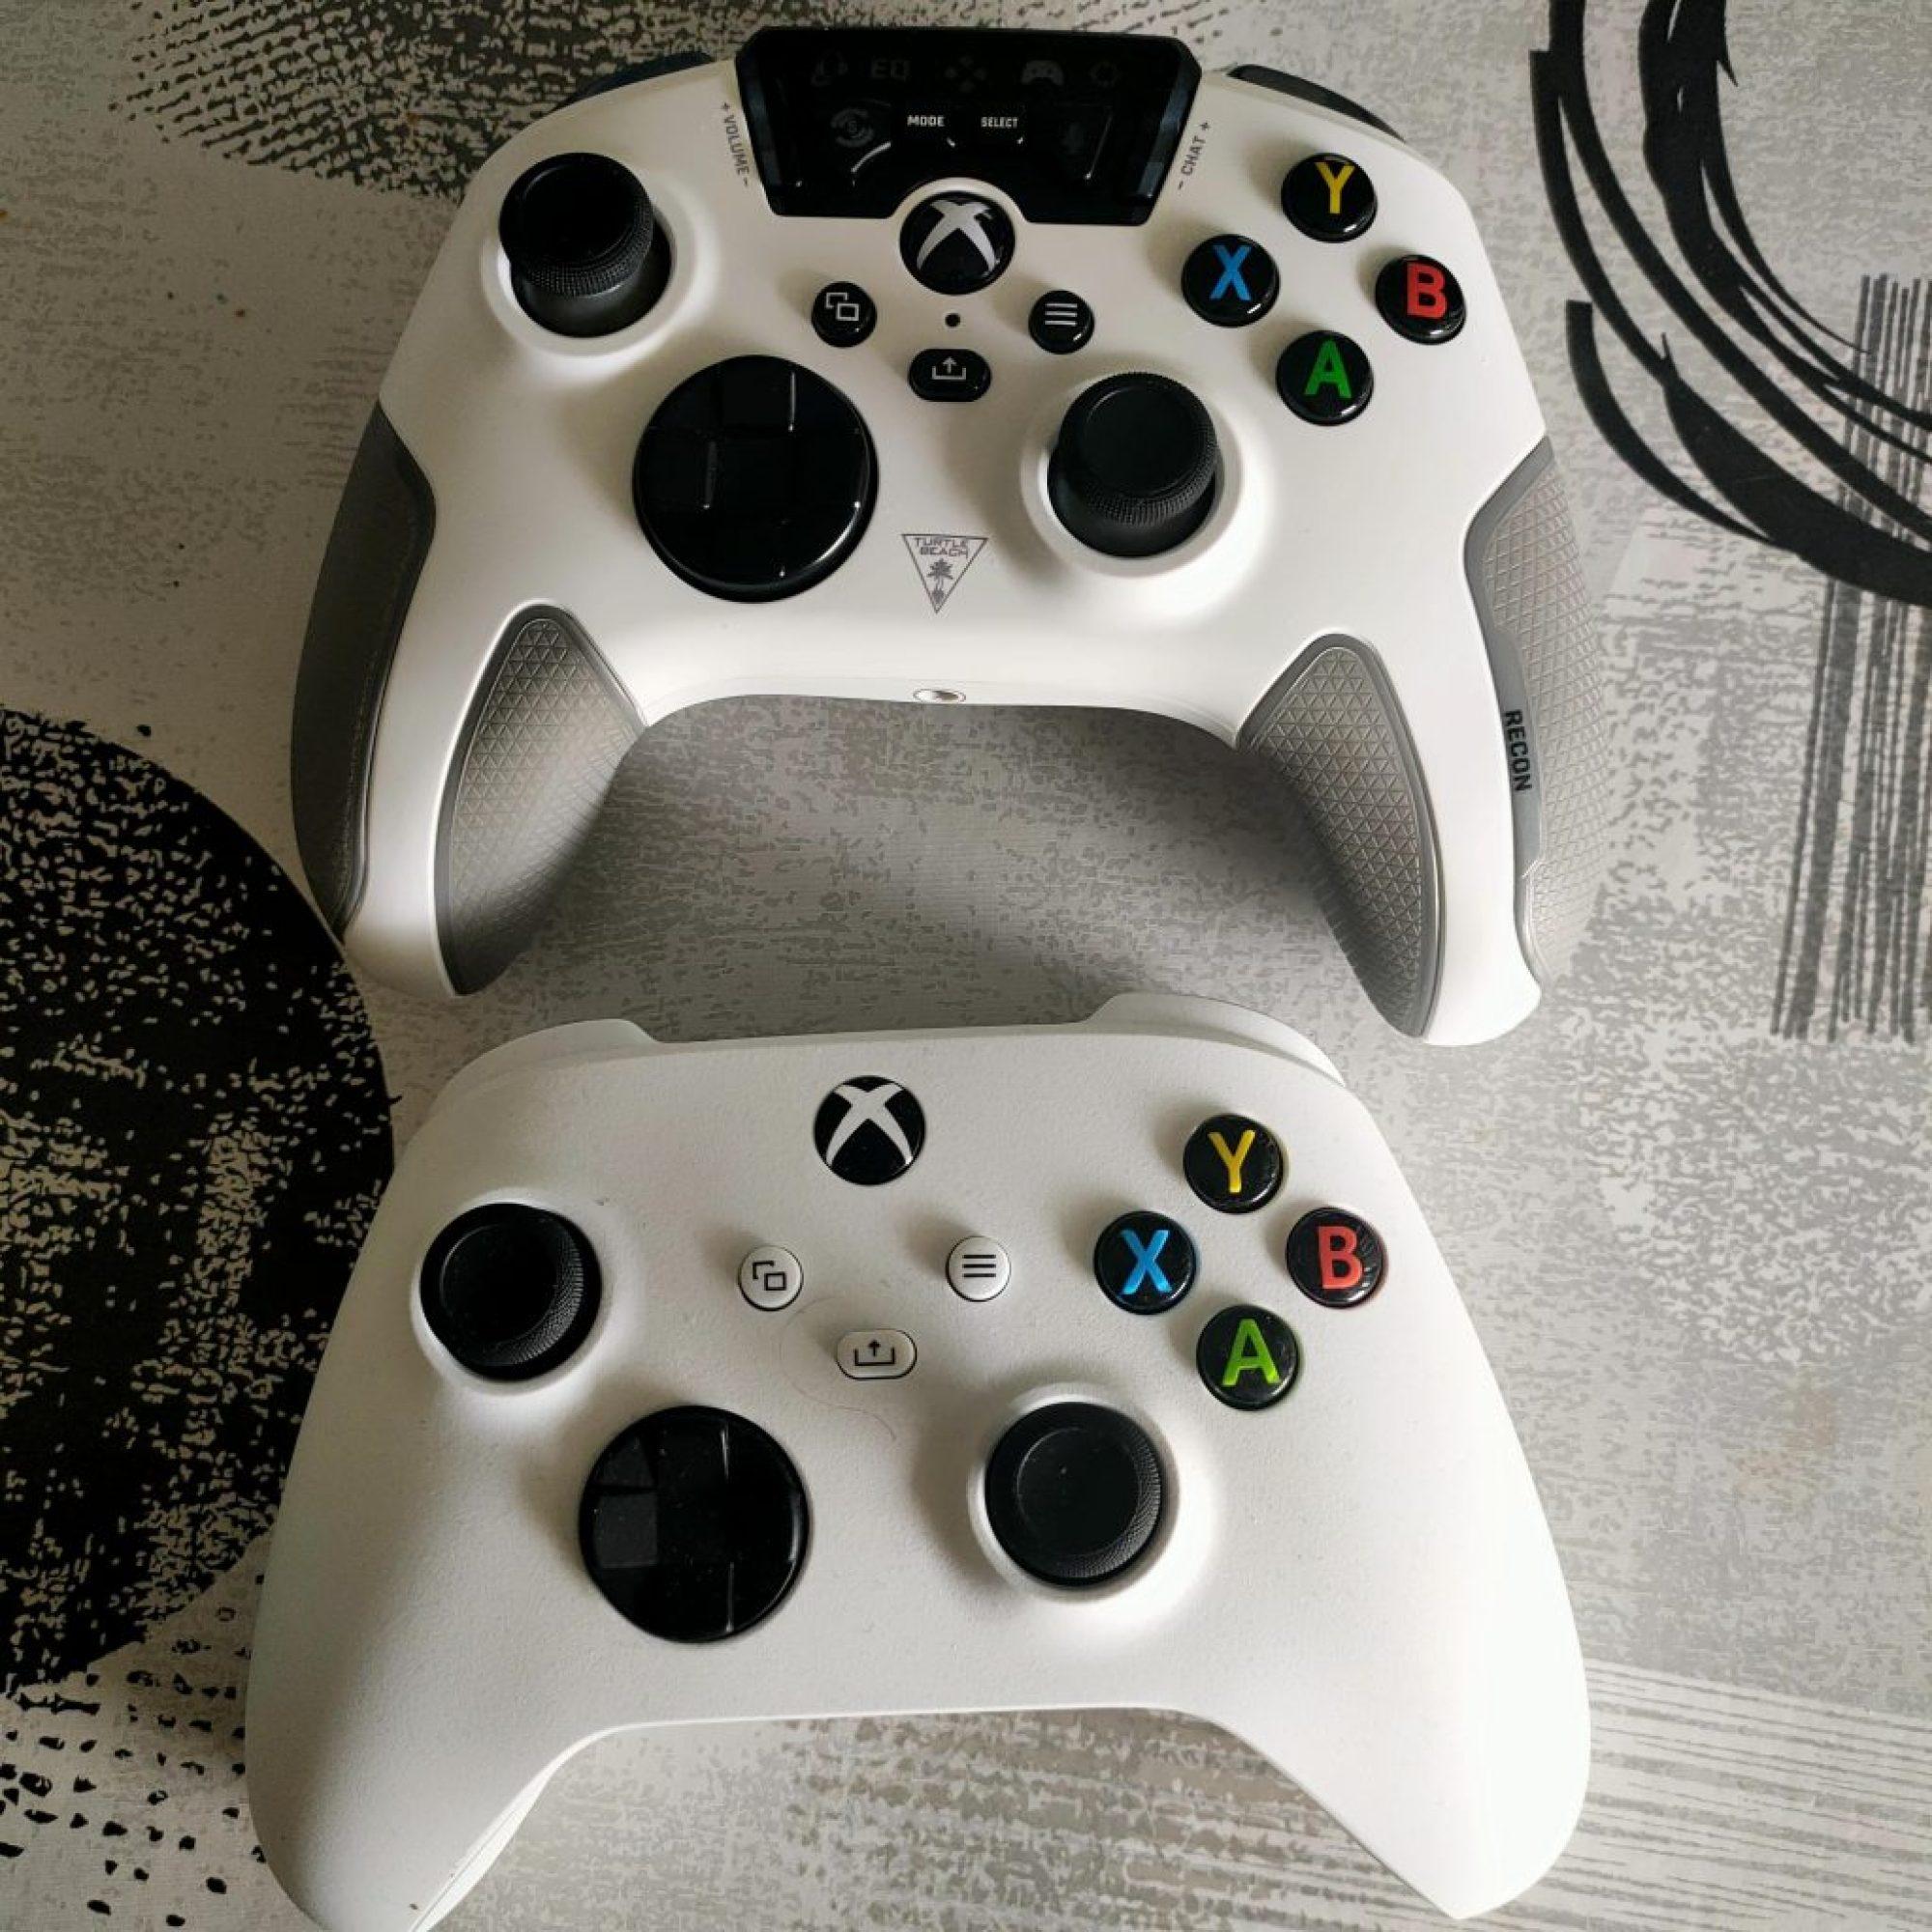 IMG20210902083946-1024x1024 Présentation de la manette Recon Controller de Turtle beach pour Xbox !